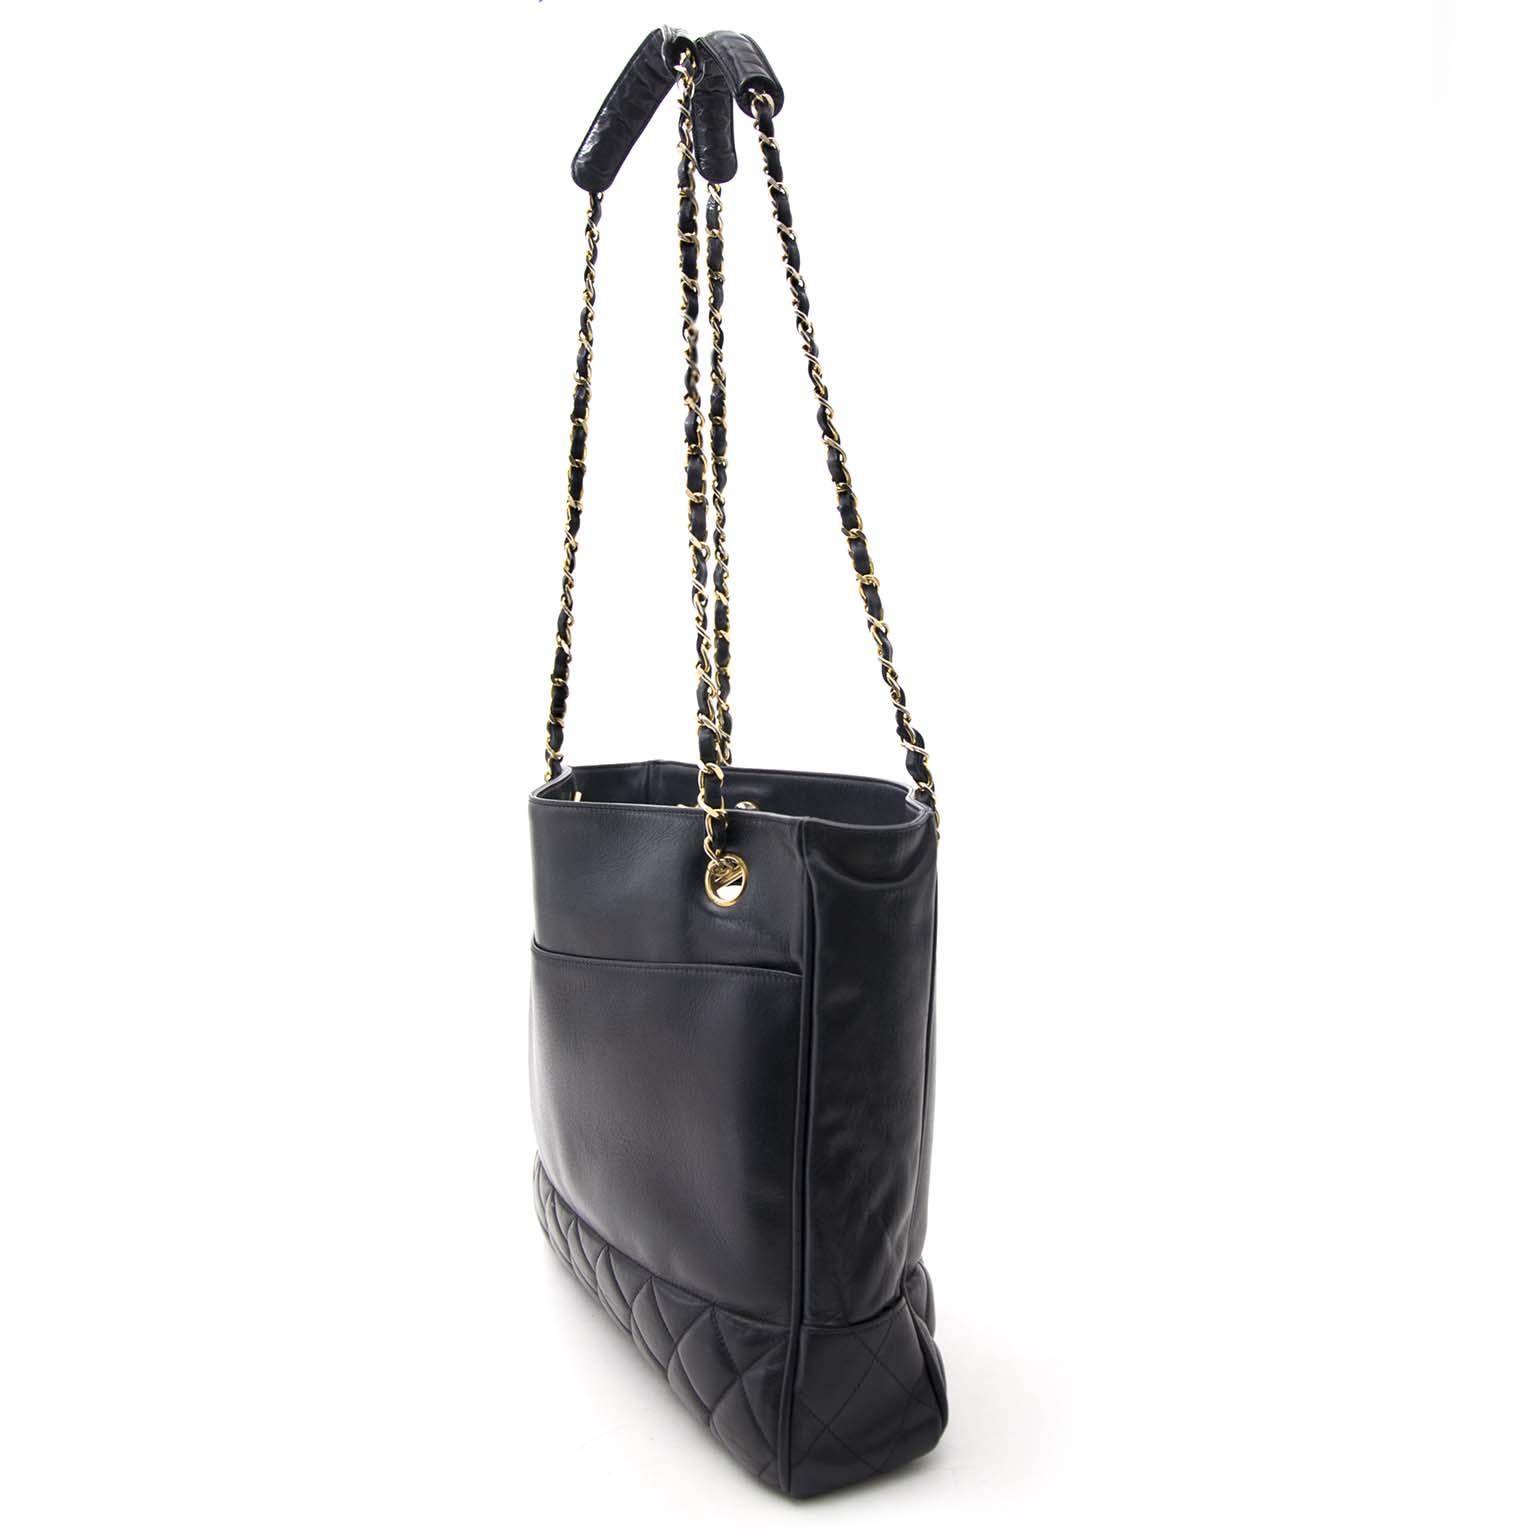 7654938941be8 ... op zoek naar een zwarte vintage chanel tas  Nu online te koop bij  labellov.